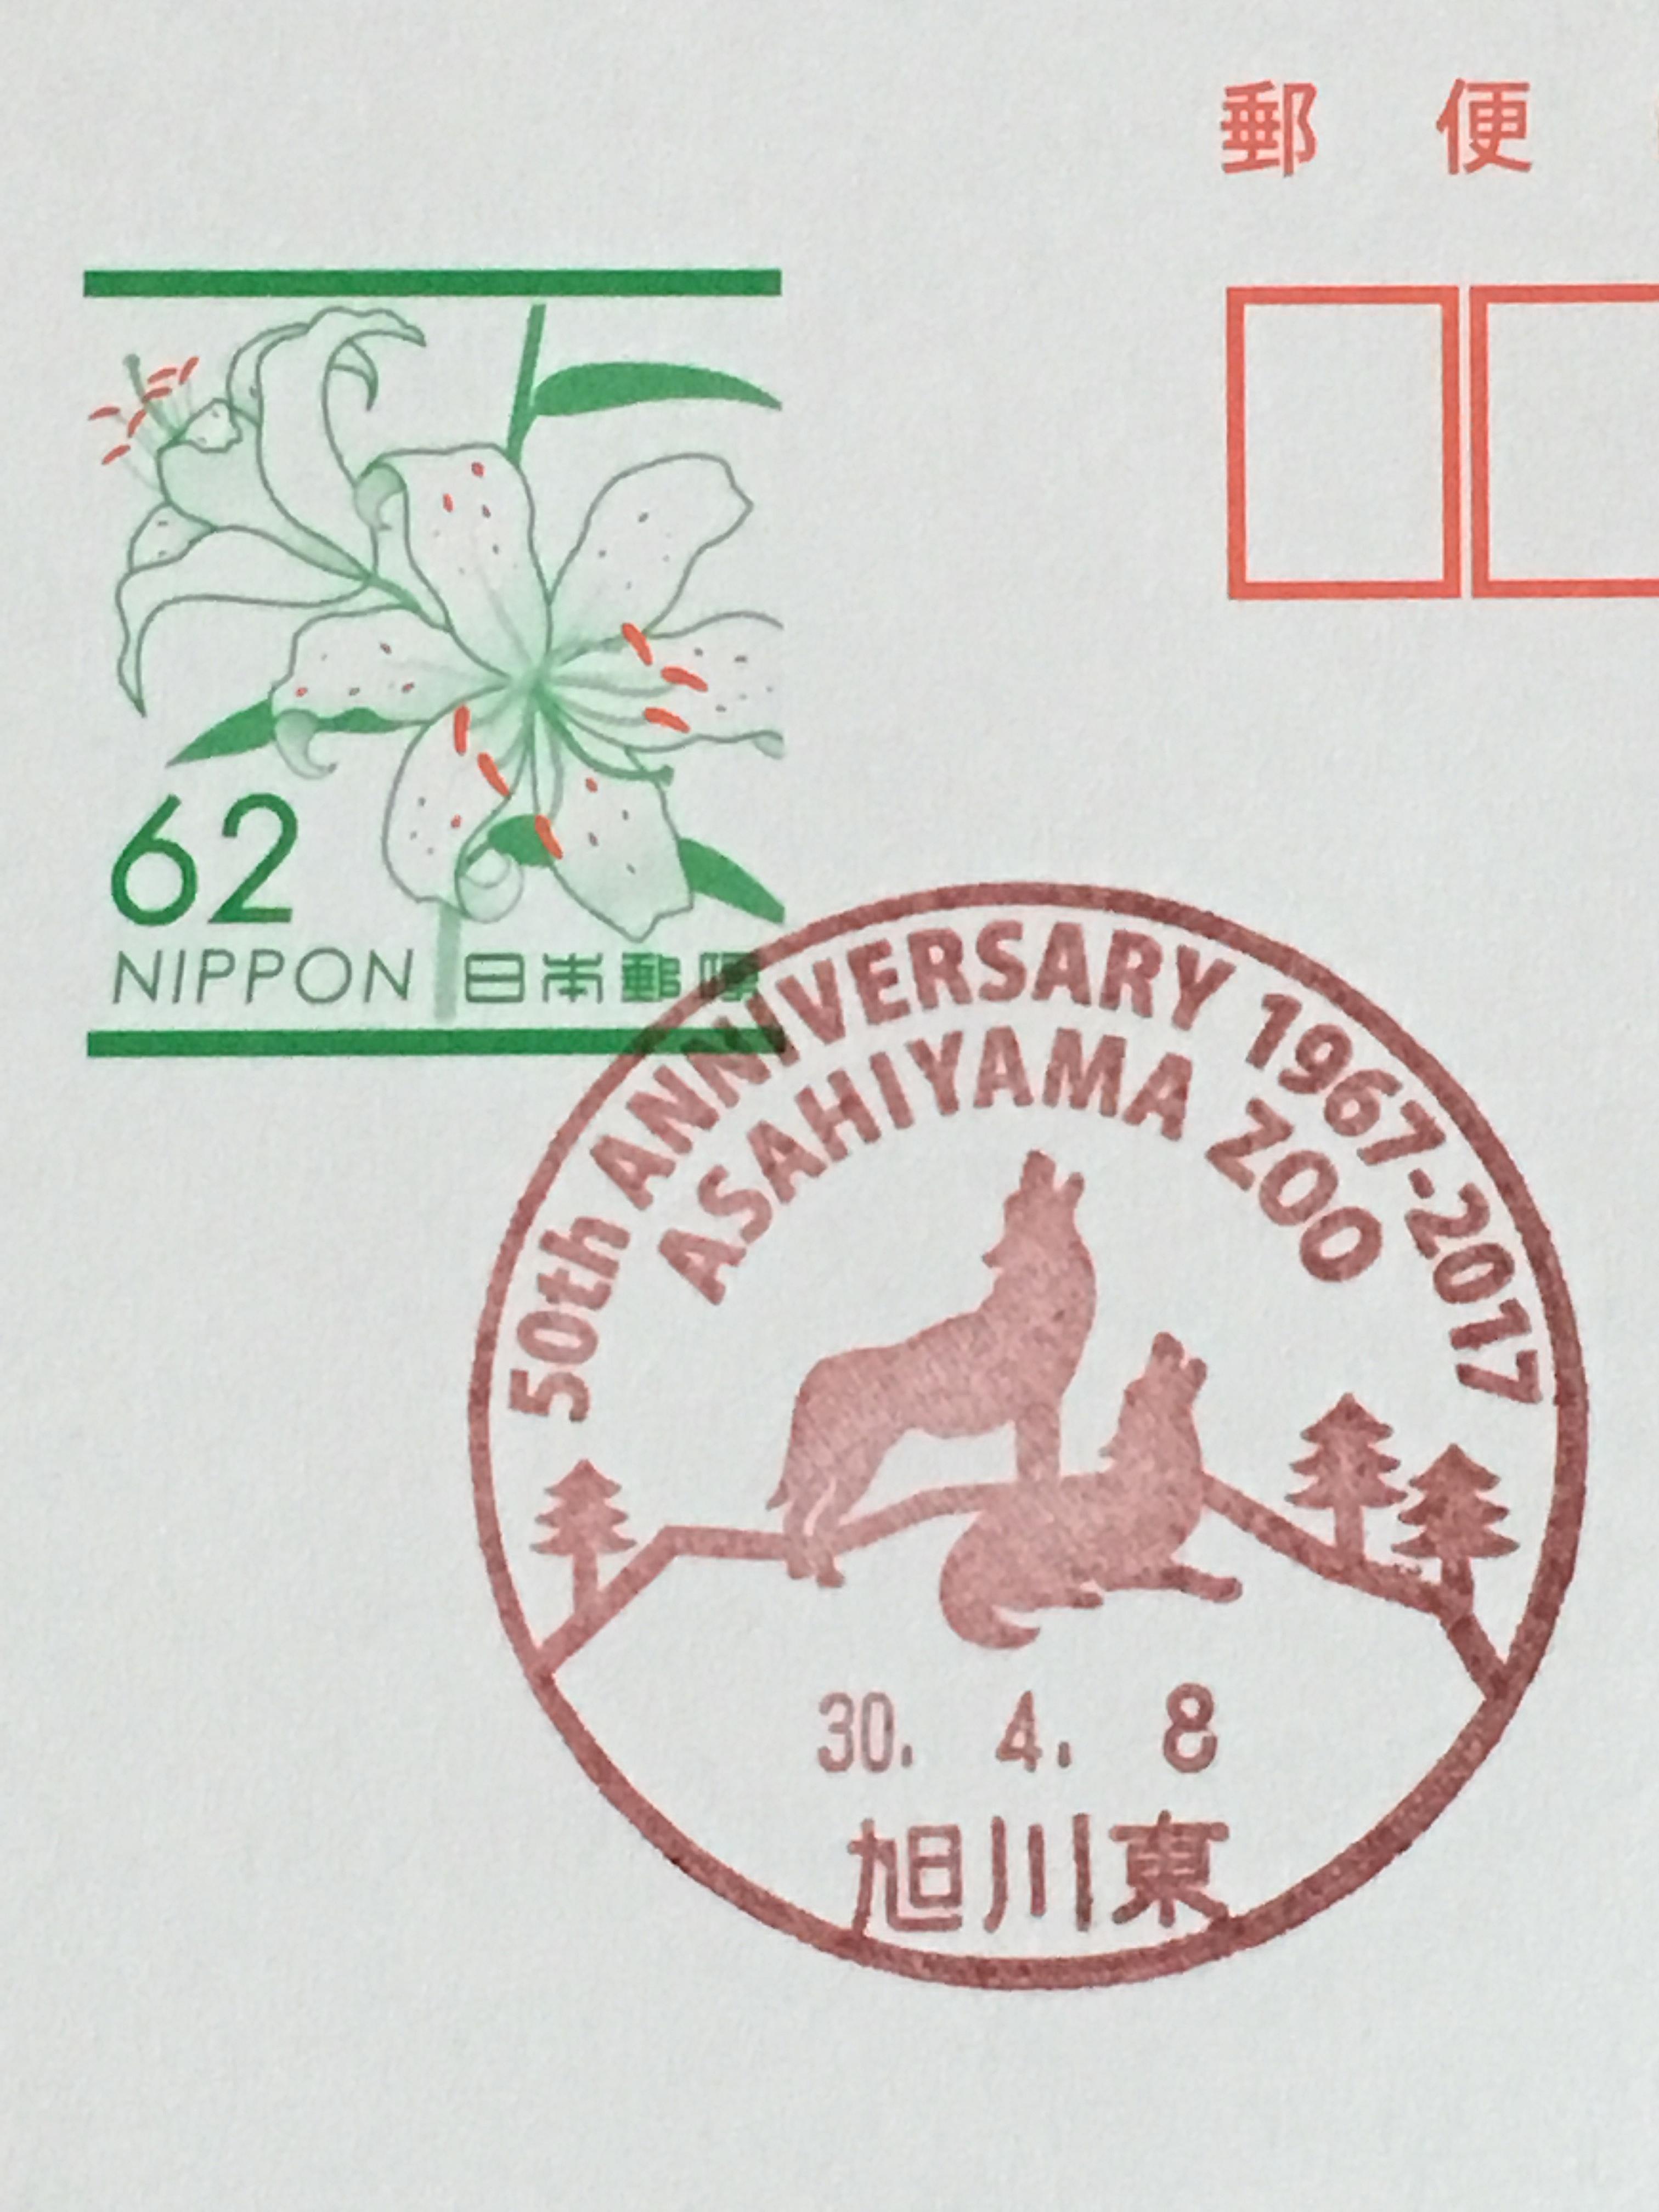 旭山動物園 開園50周年 最終日付印.JPG